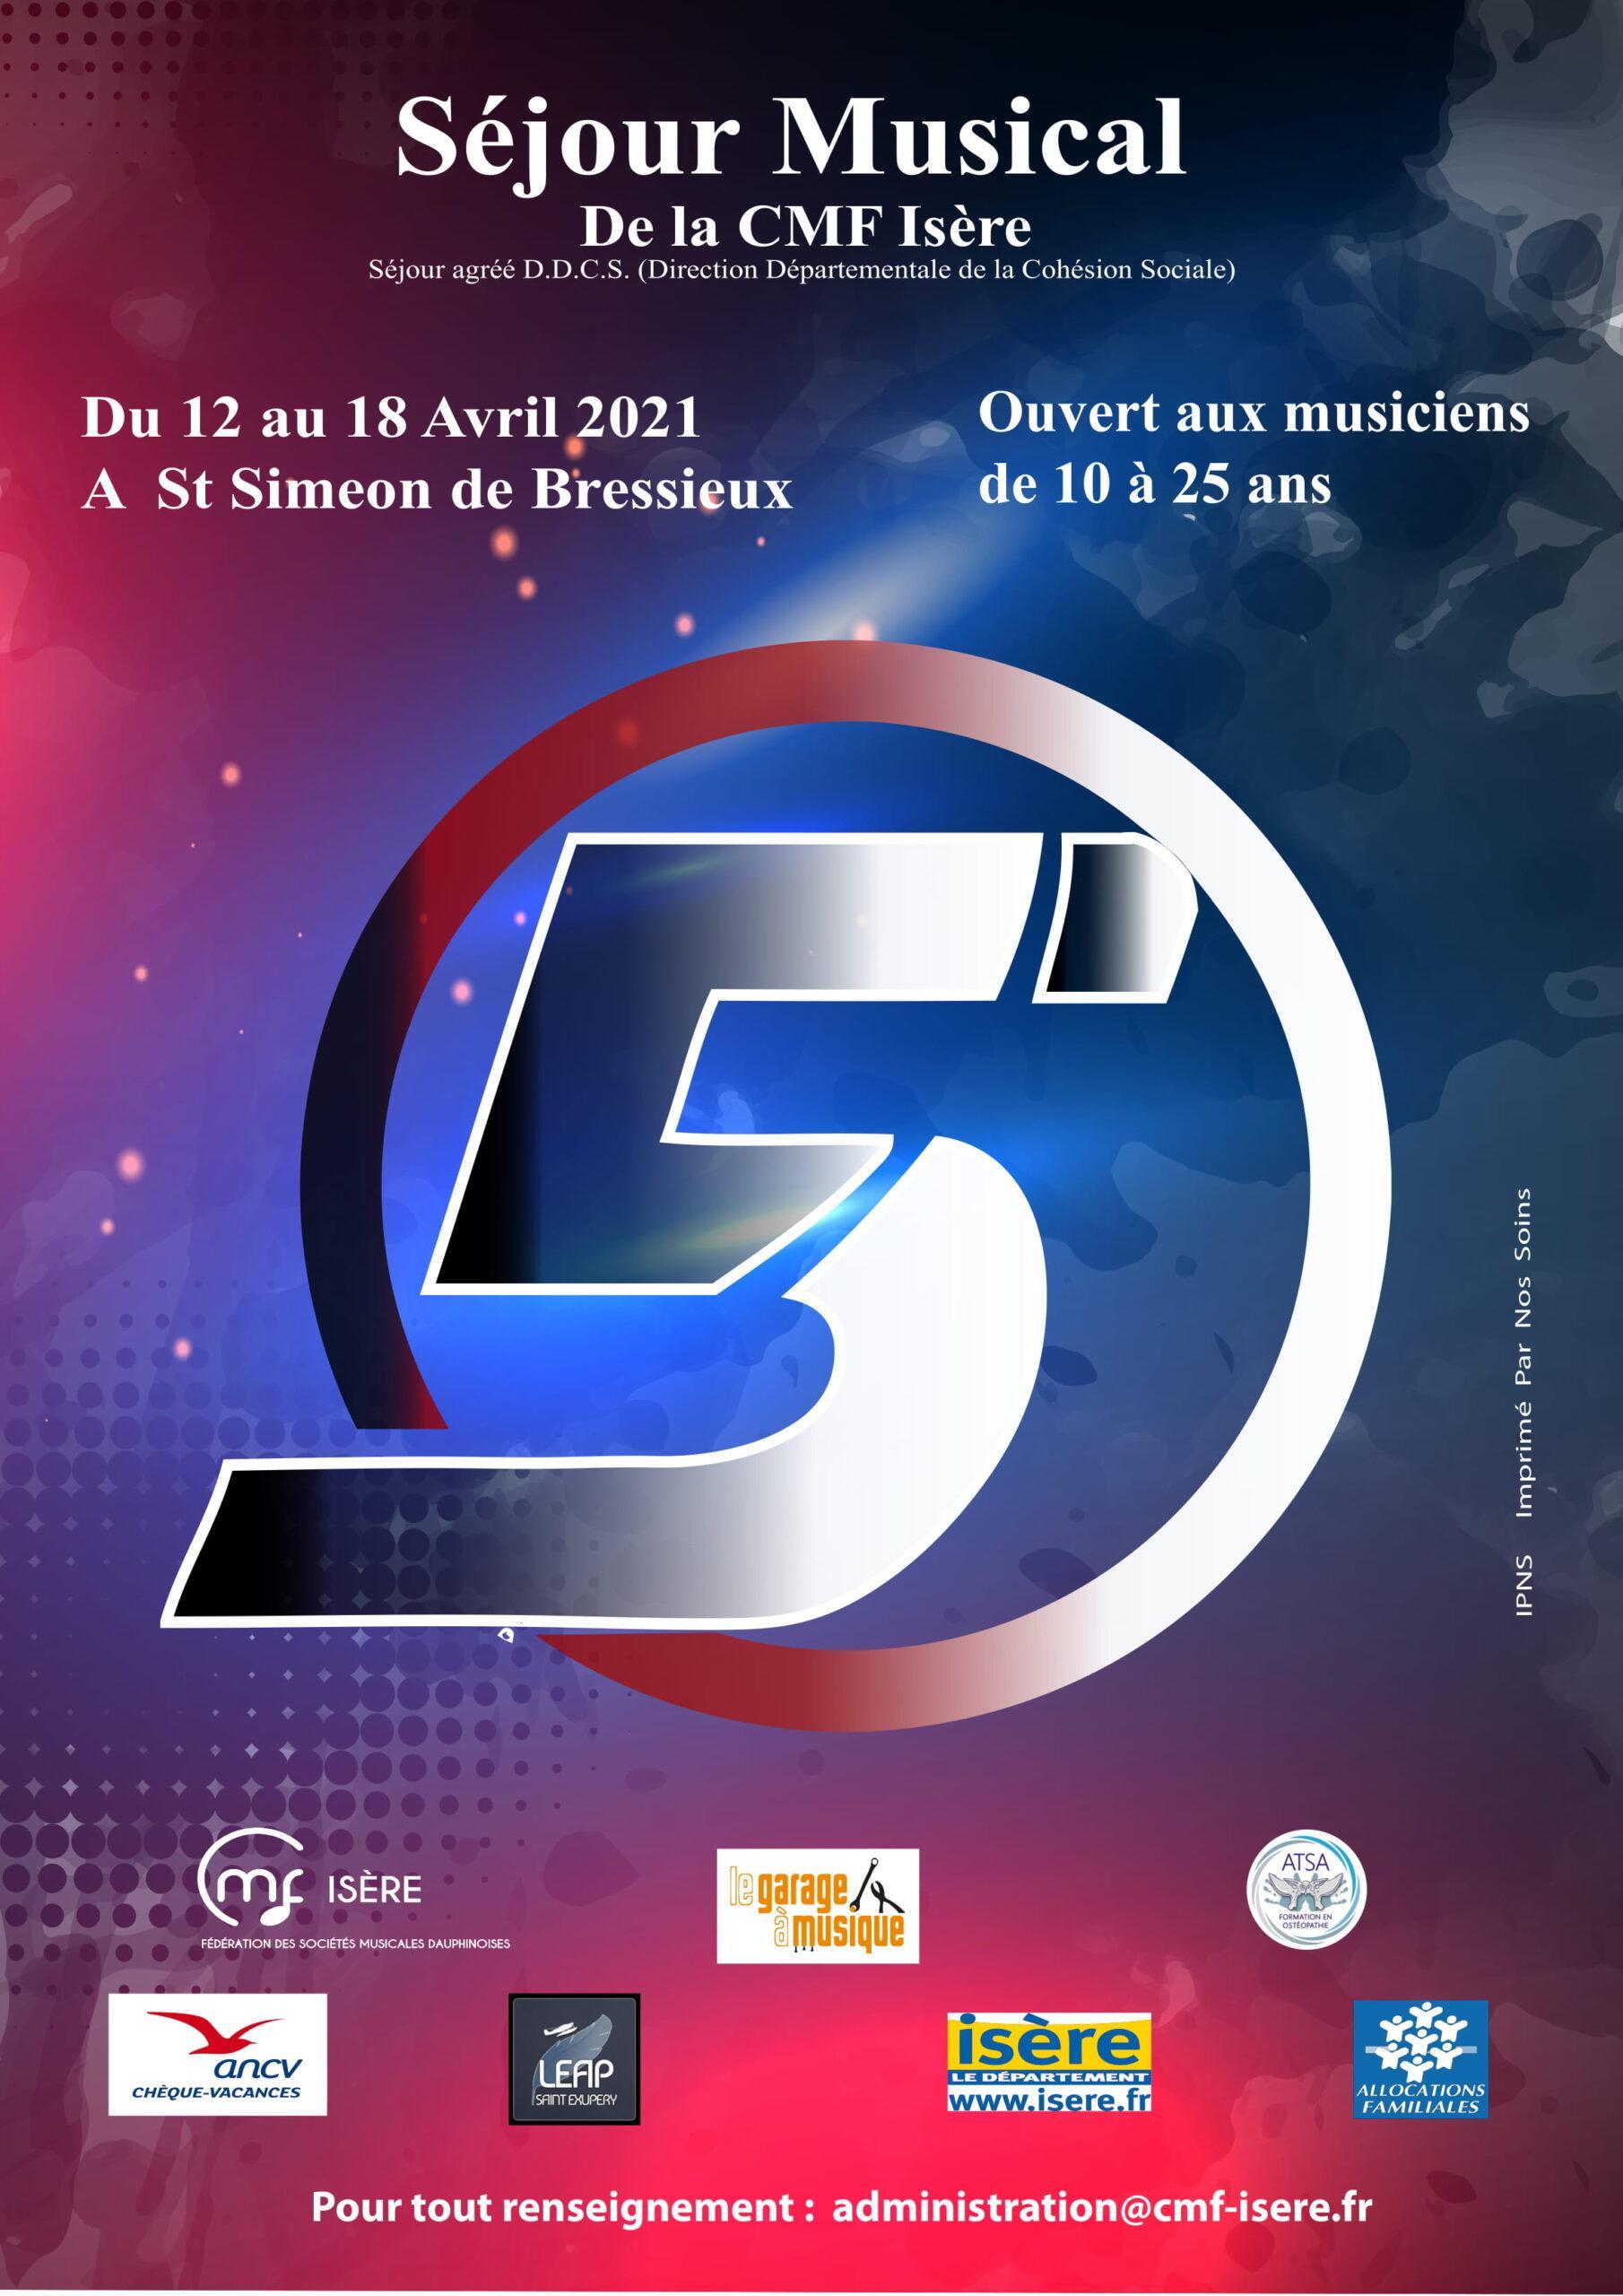 Affiche du séjour musical CMF Isère 2021